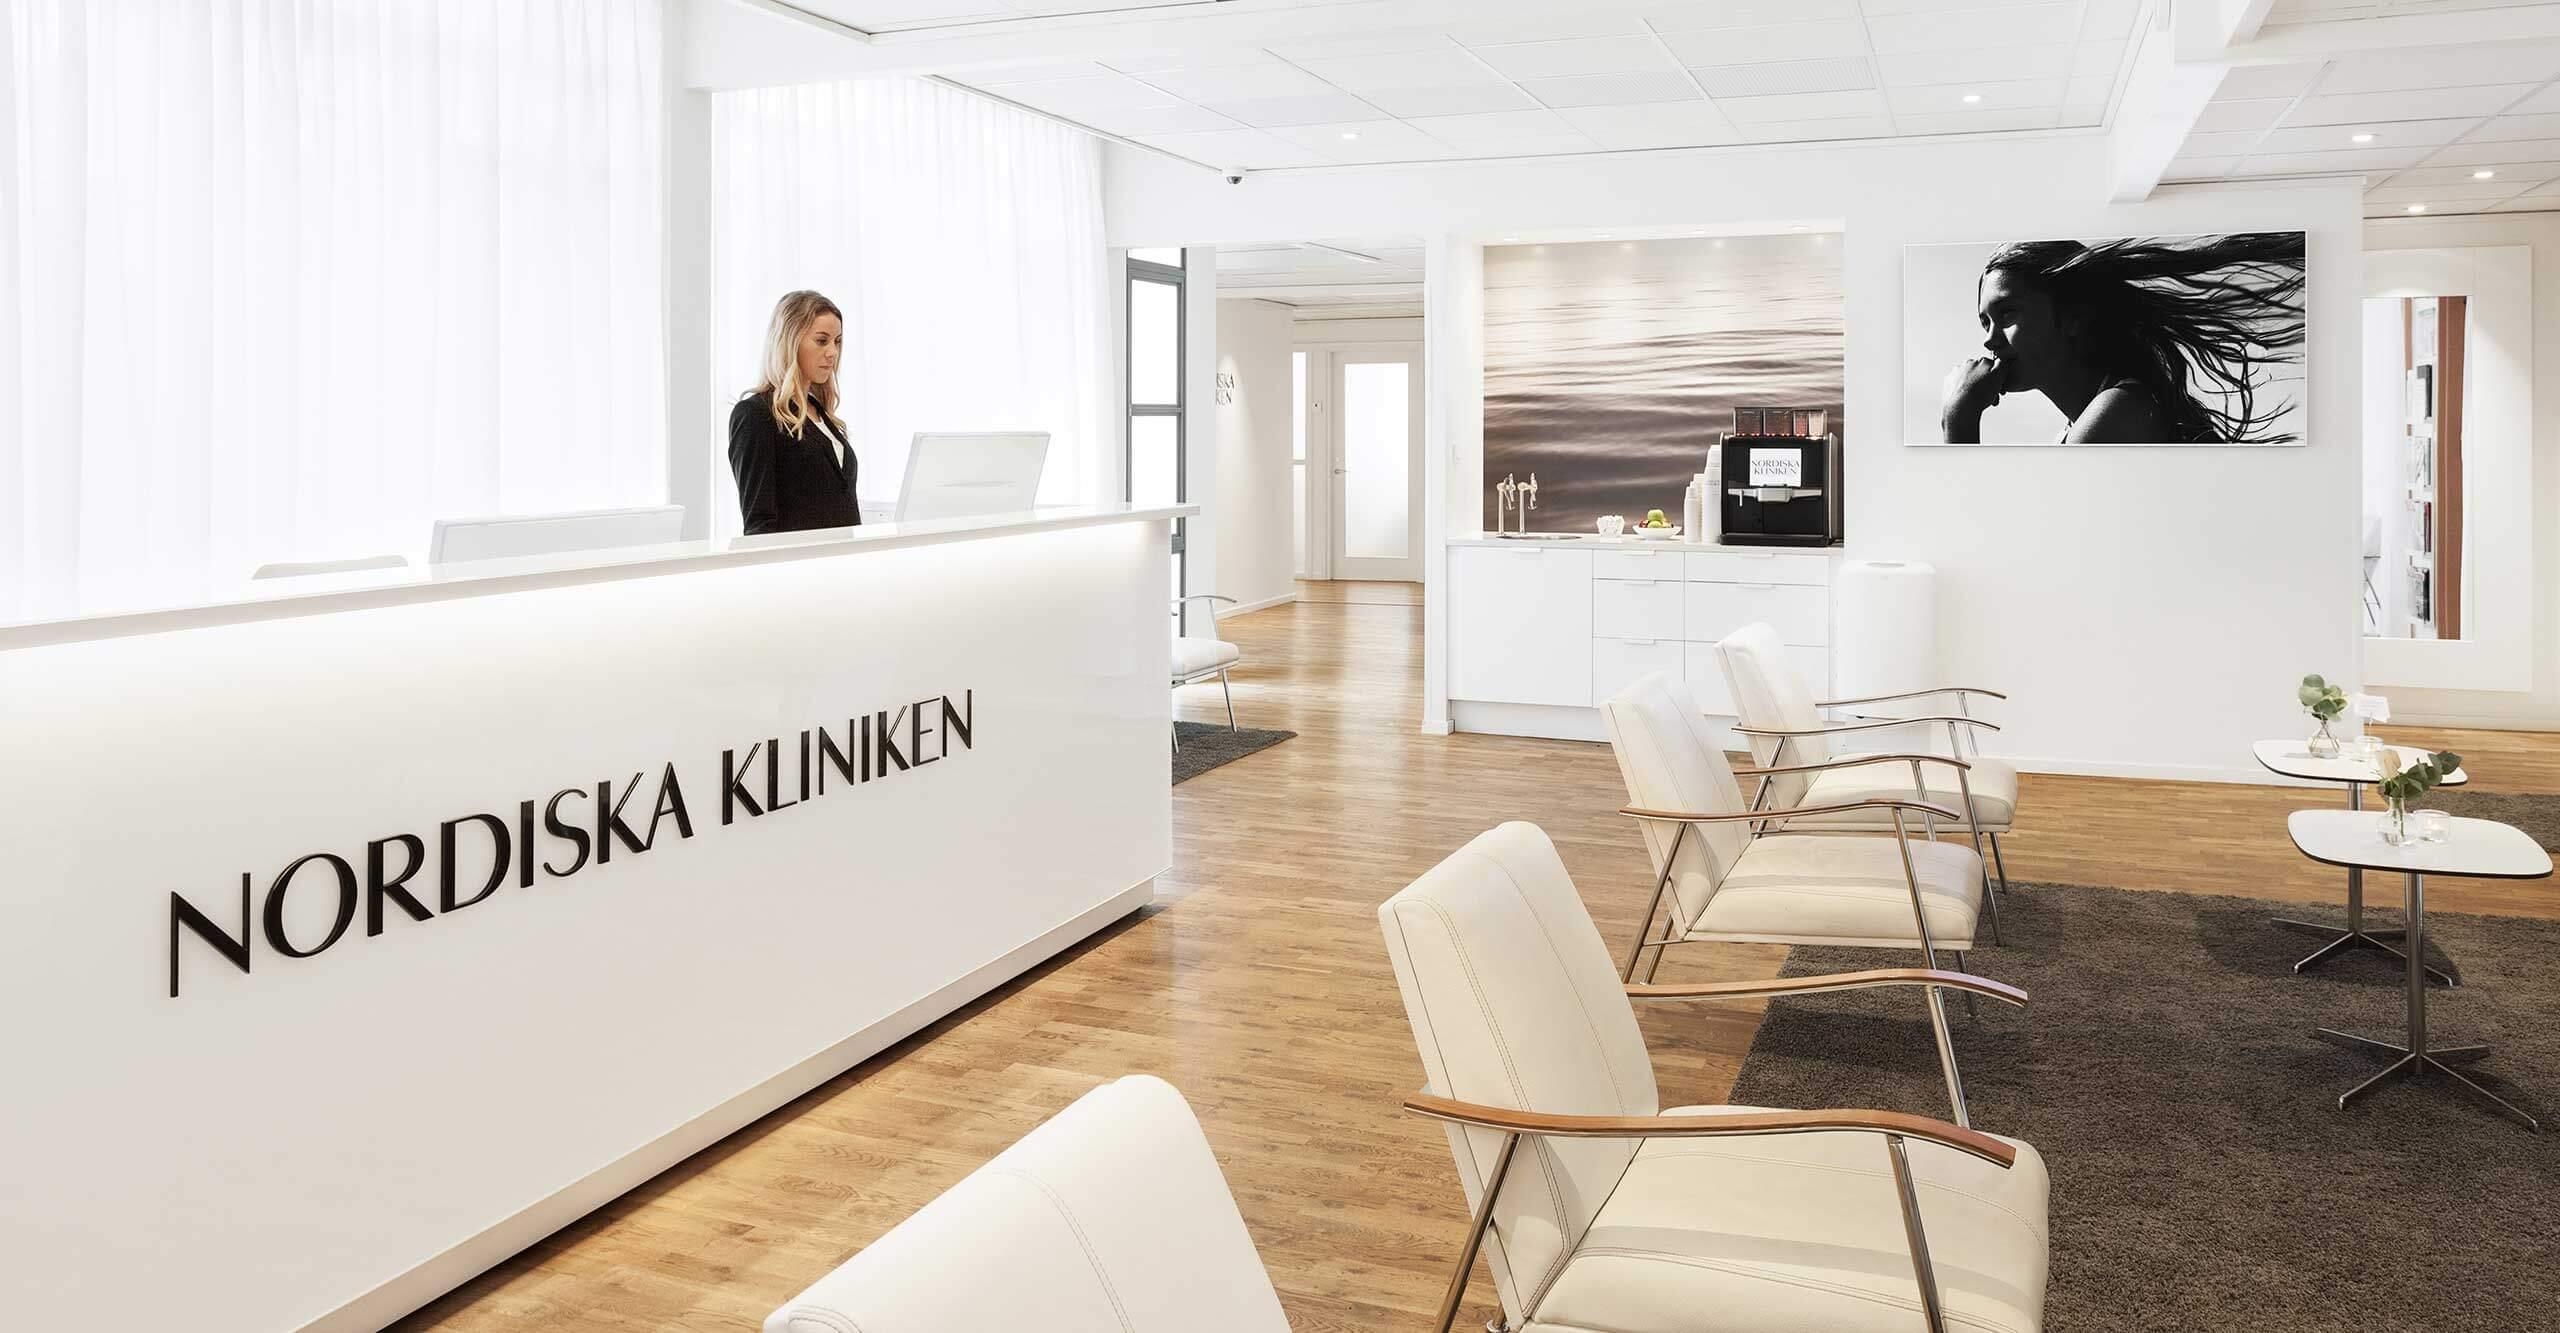 Nordiska Kliniken reception